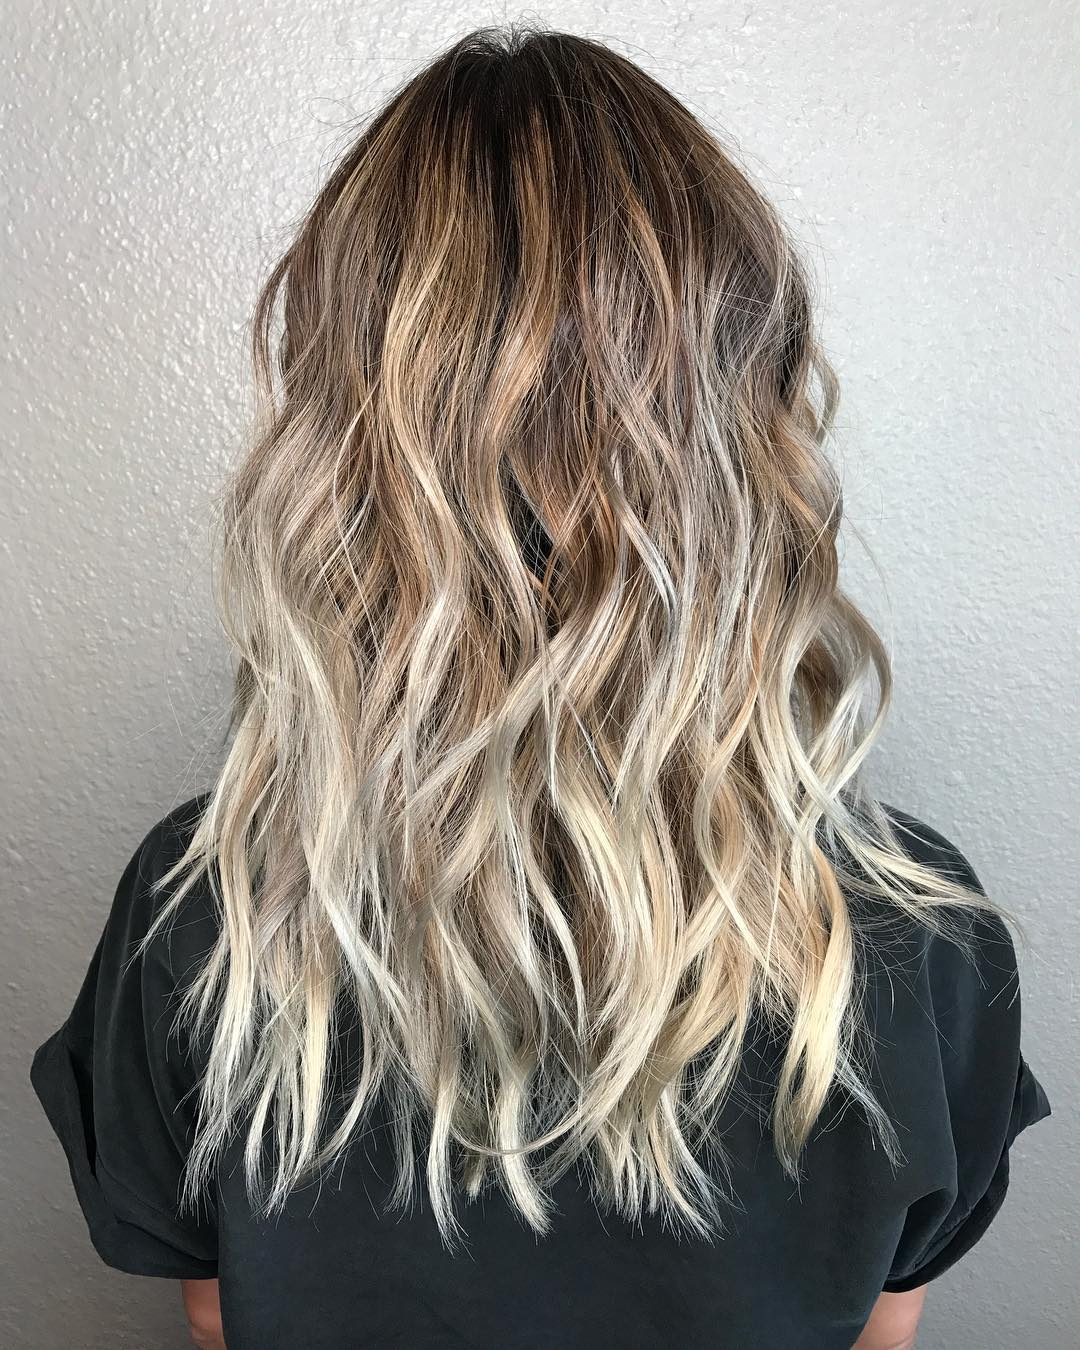 10 stilvolle mittlere wellige Frisuren - Bewerten Sie die Schönheit Ihres Haares